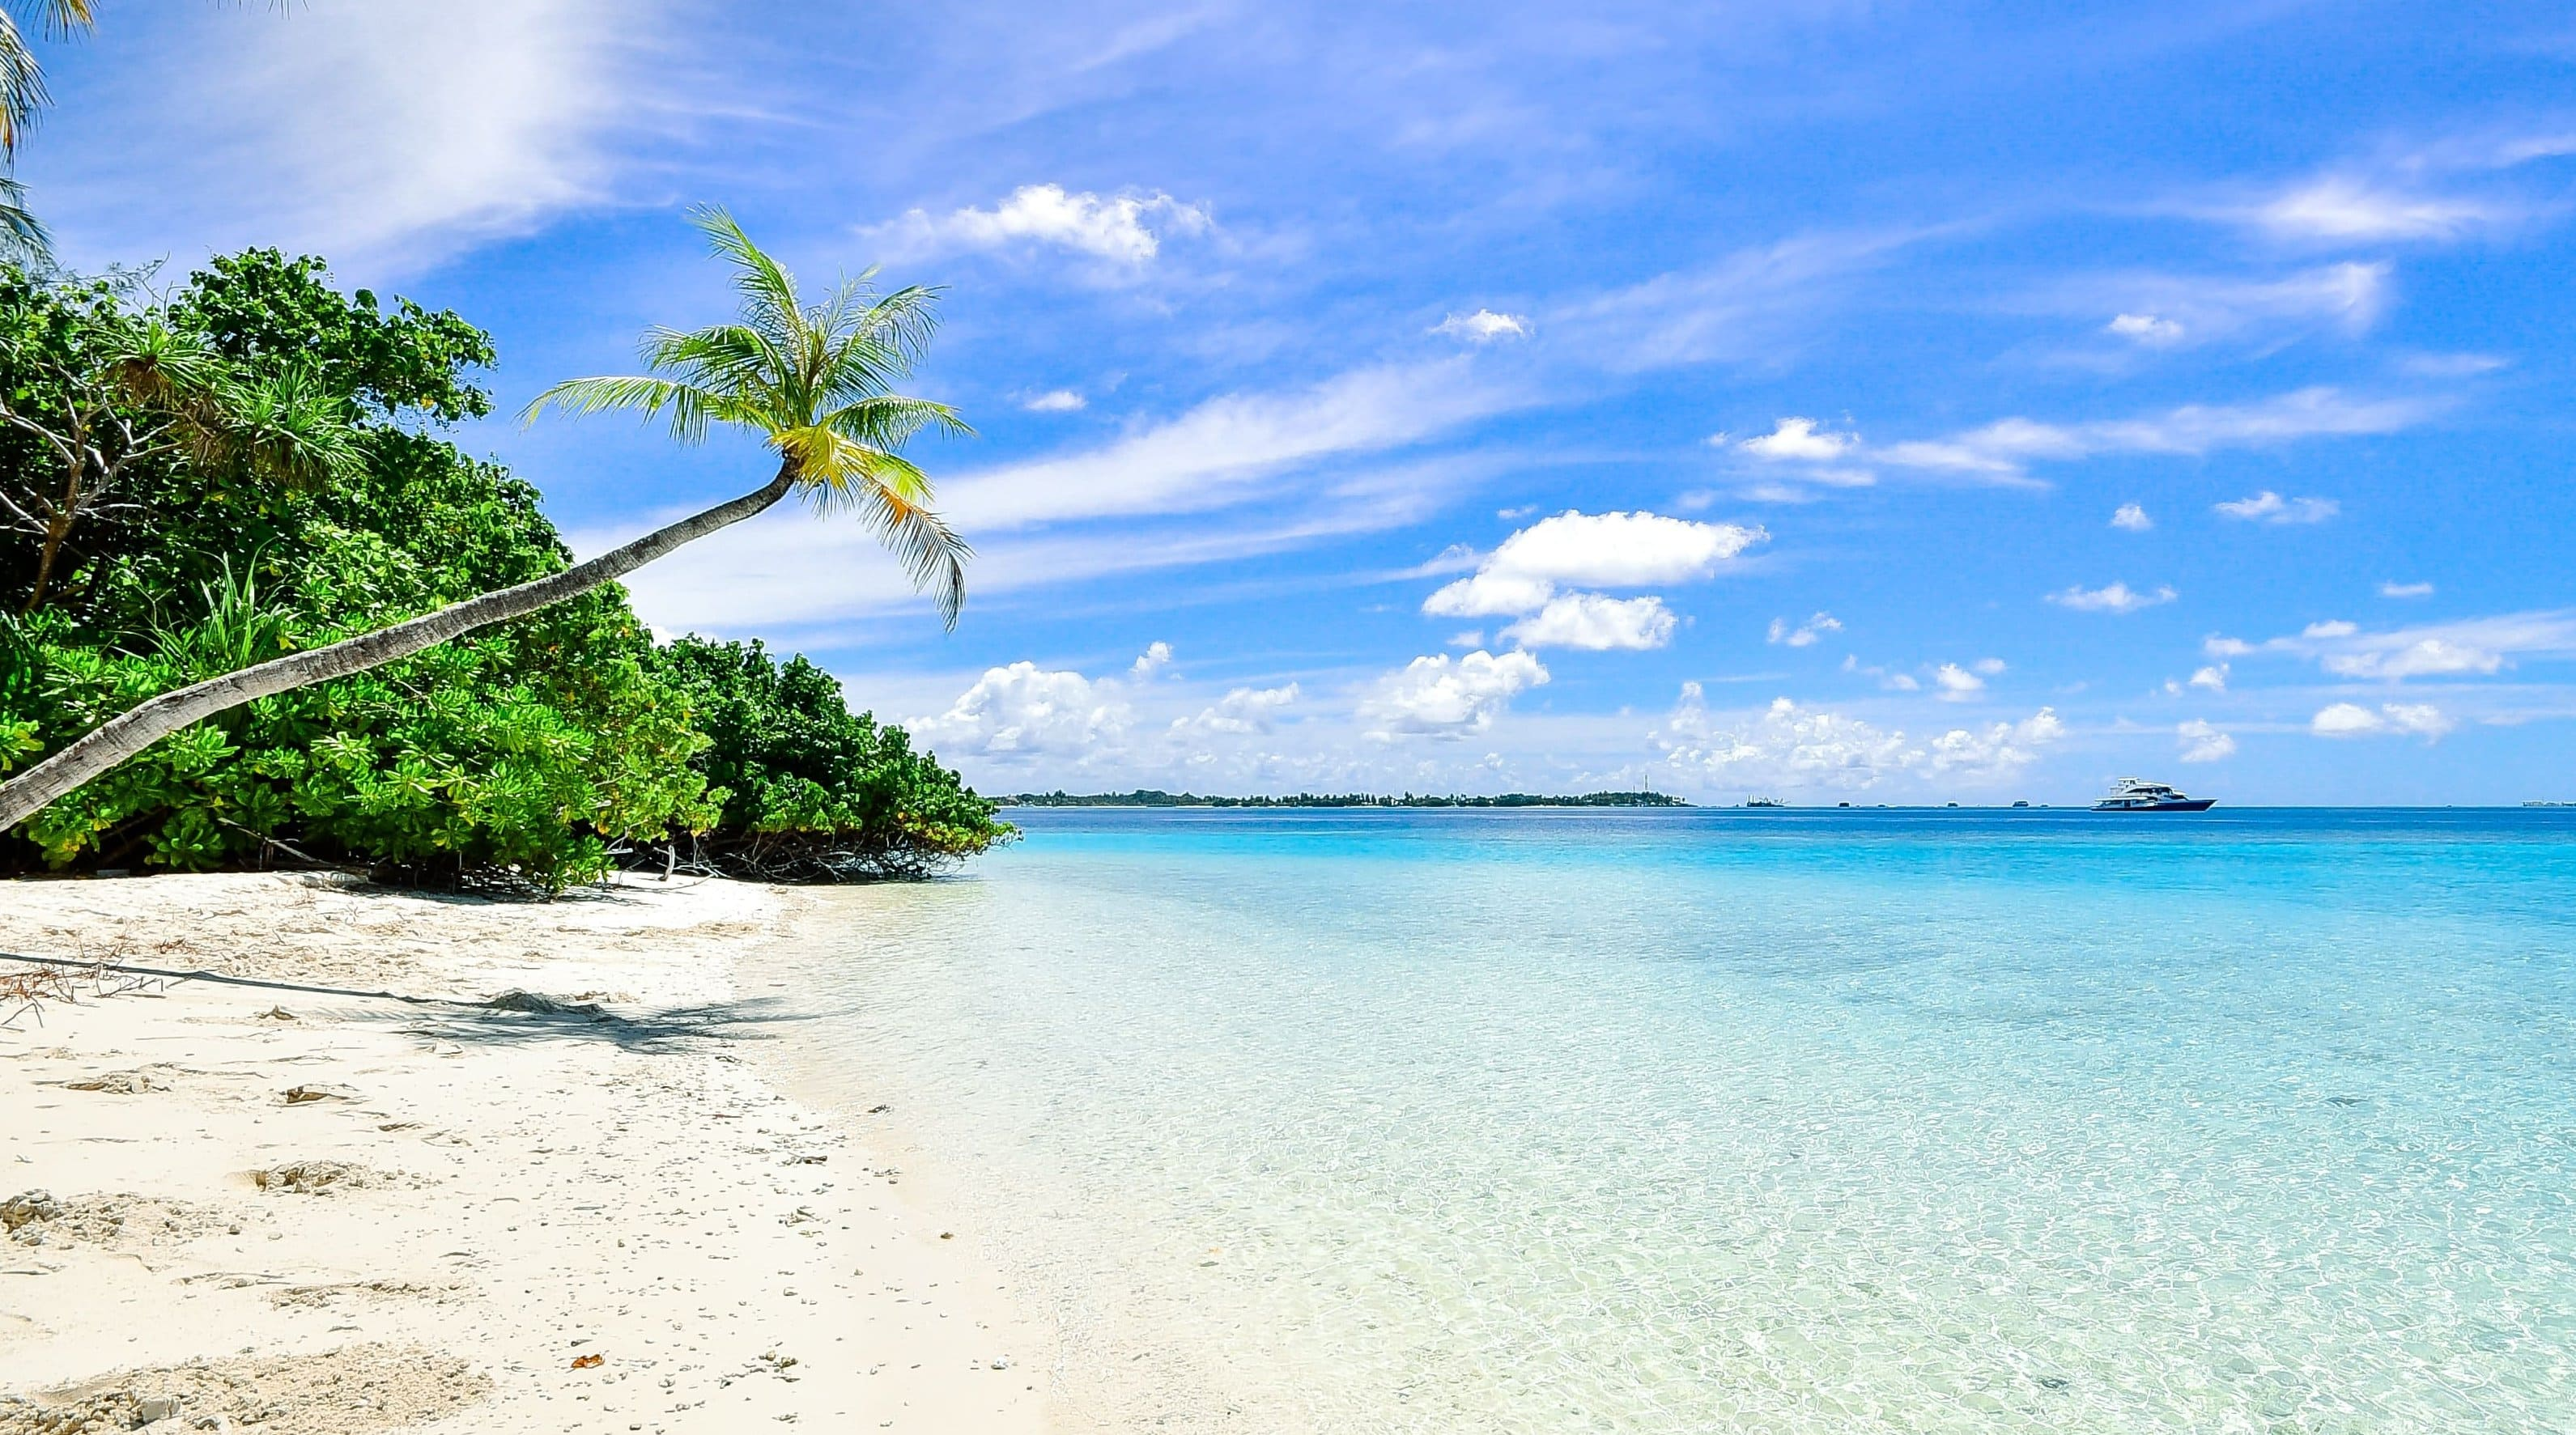 Самые красивые пляжи мира. Куда отправиться в незабываемое путешествие?